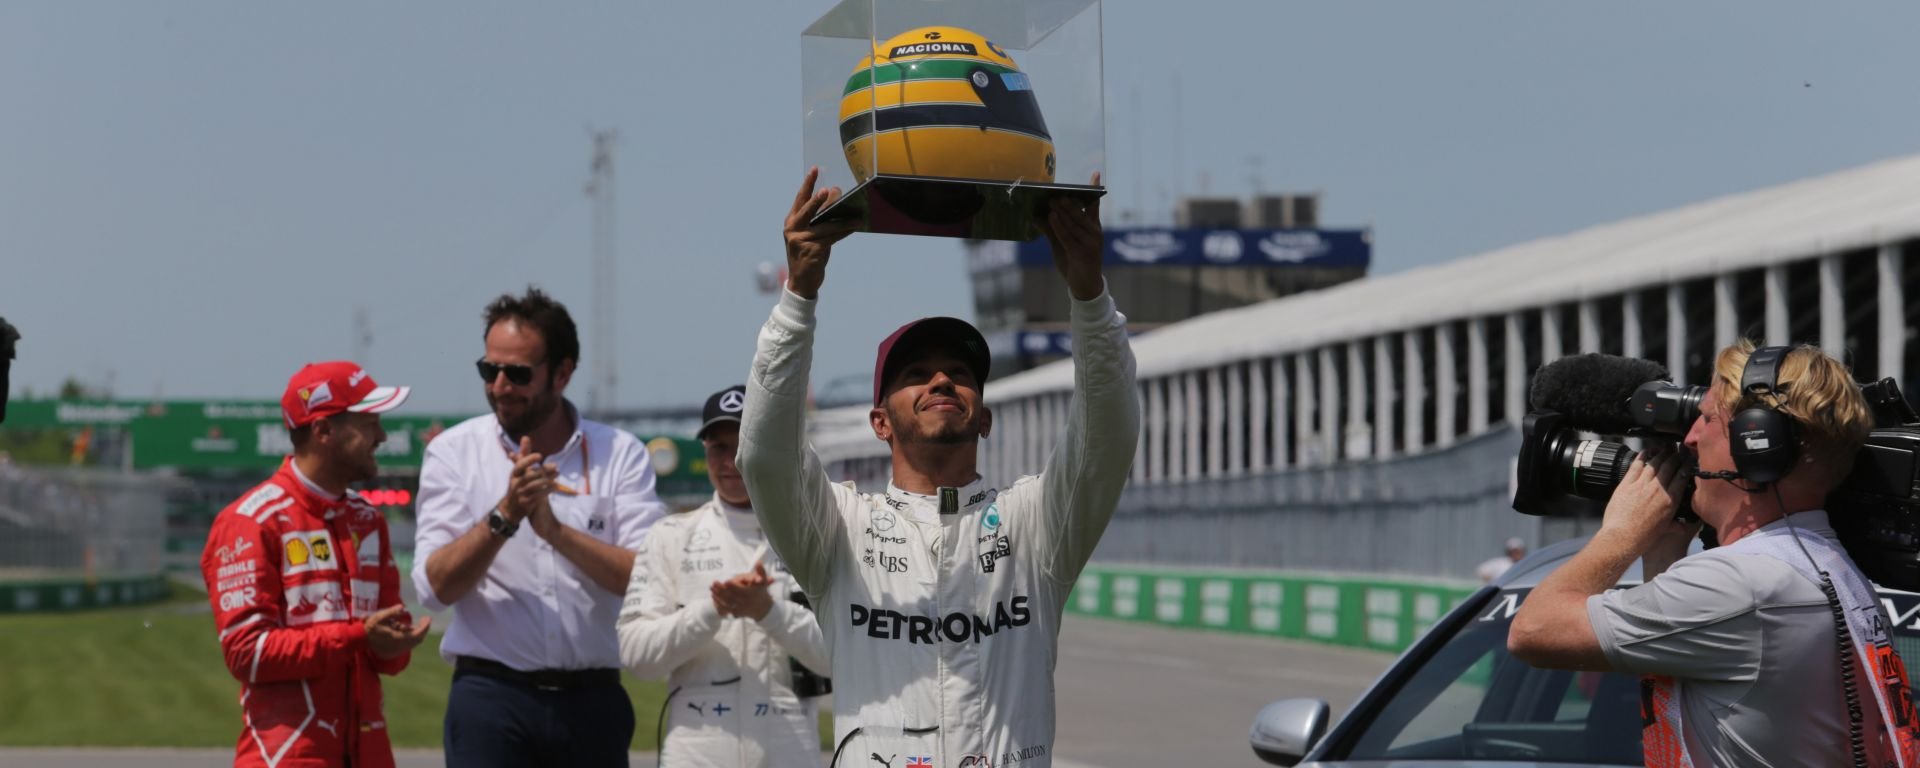 F1, GP Canada 2017: Lewis Hamilton (Mercedes) riceve un casco di Senna dopo averlo raggiunto a quota 65 pole